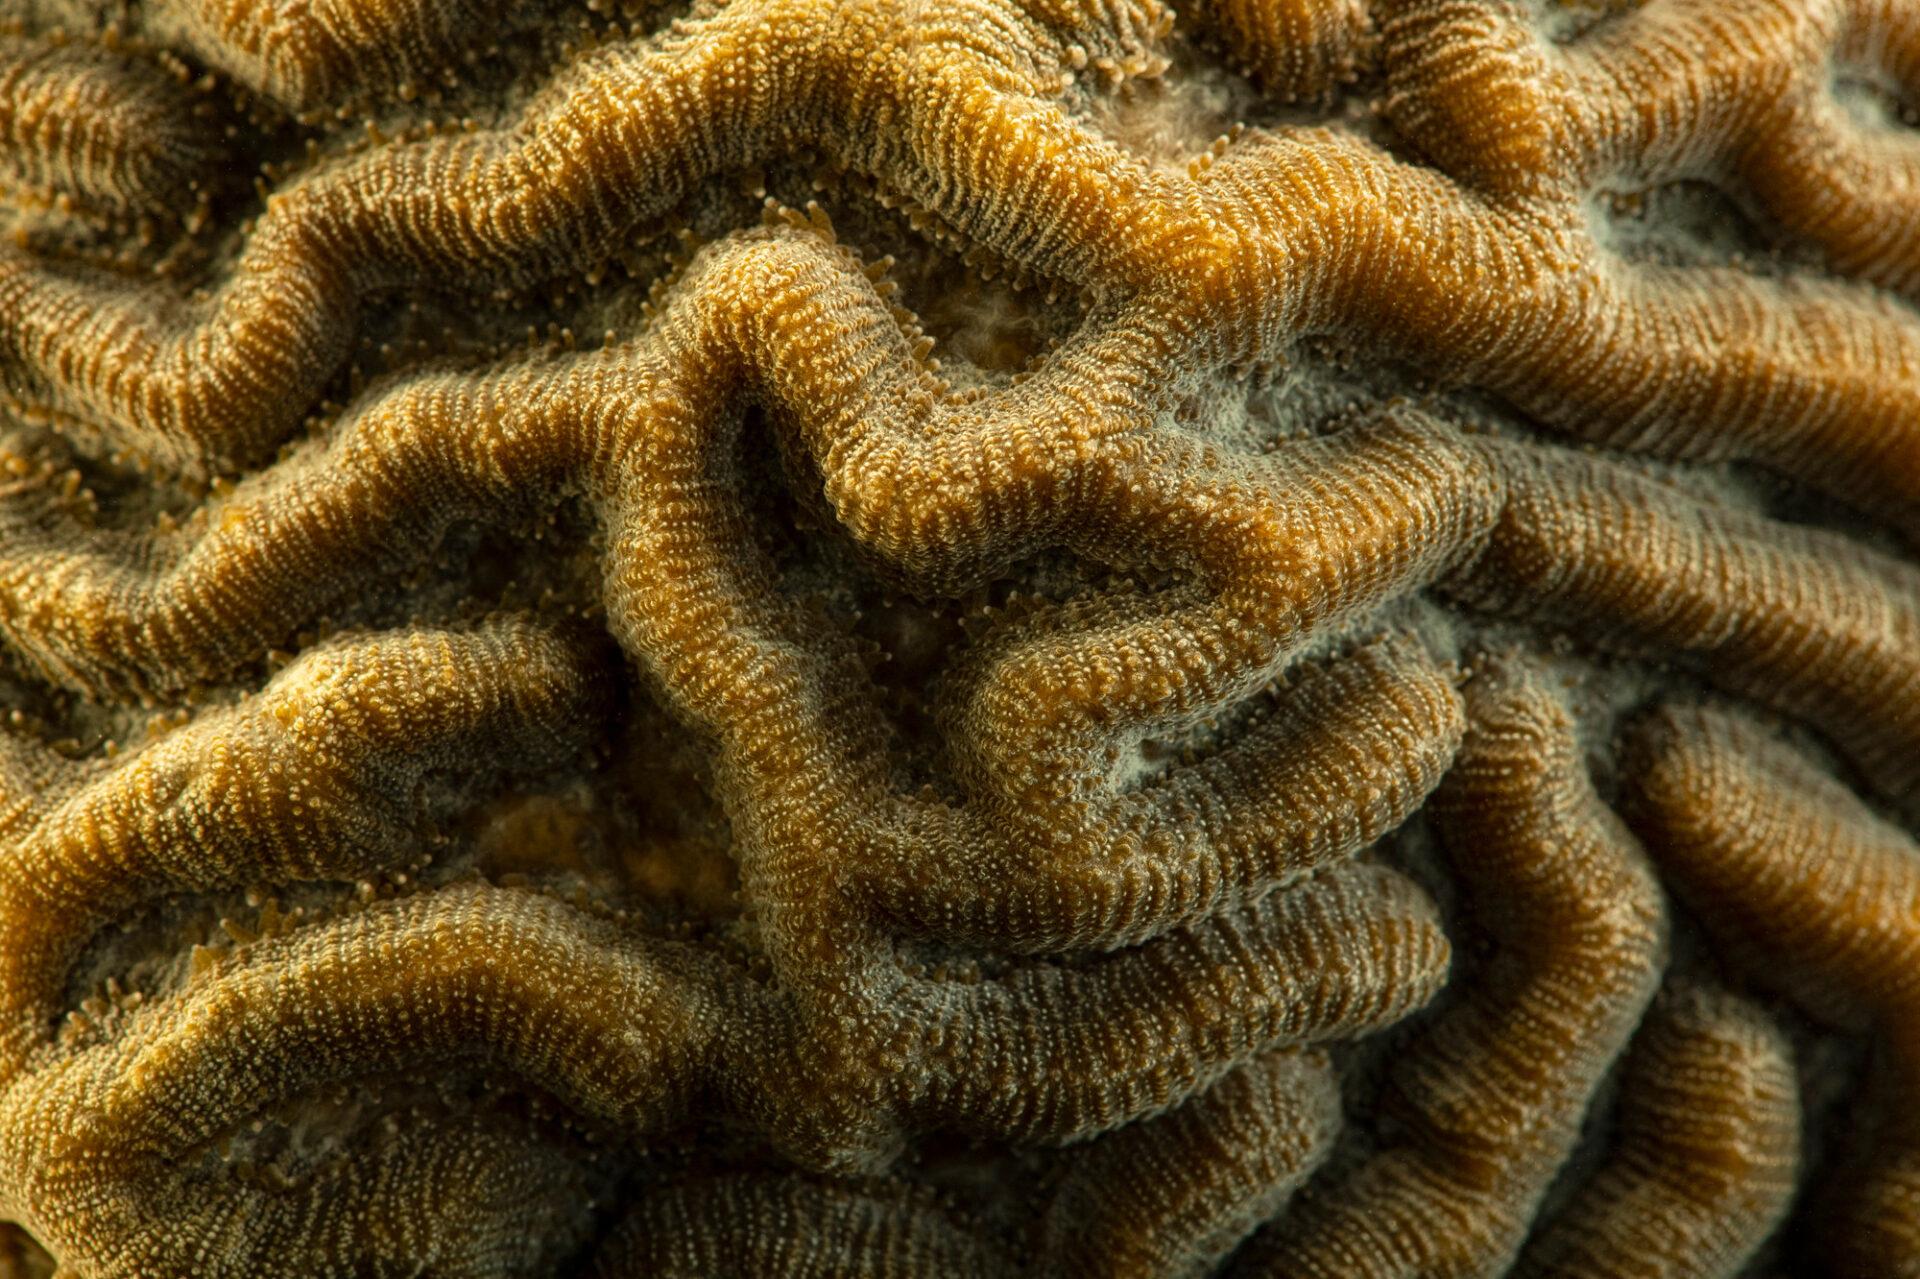 Photo: A symmetrical brain coral (Pseudodiploria strigosa) at Riverbanks Zoo and Garden.